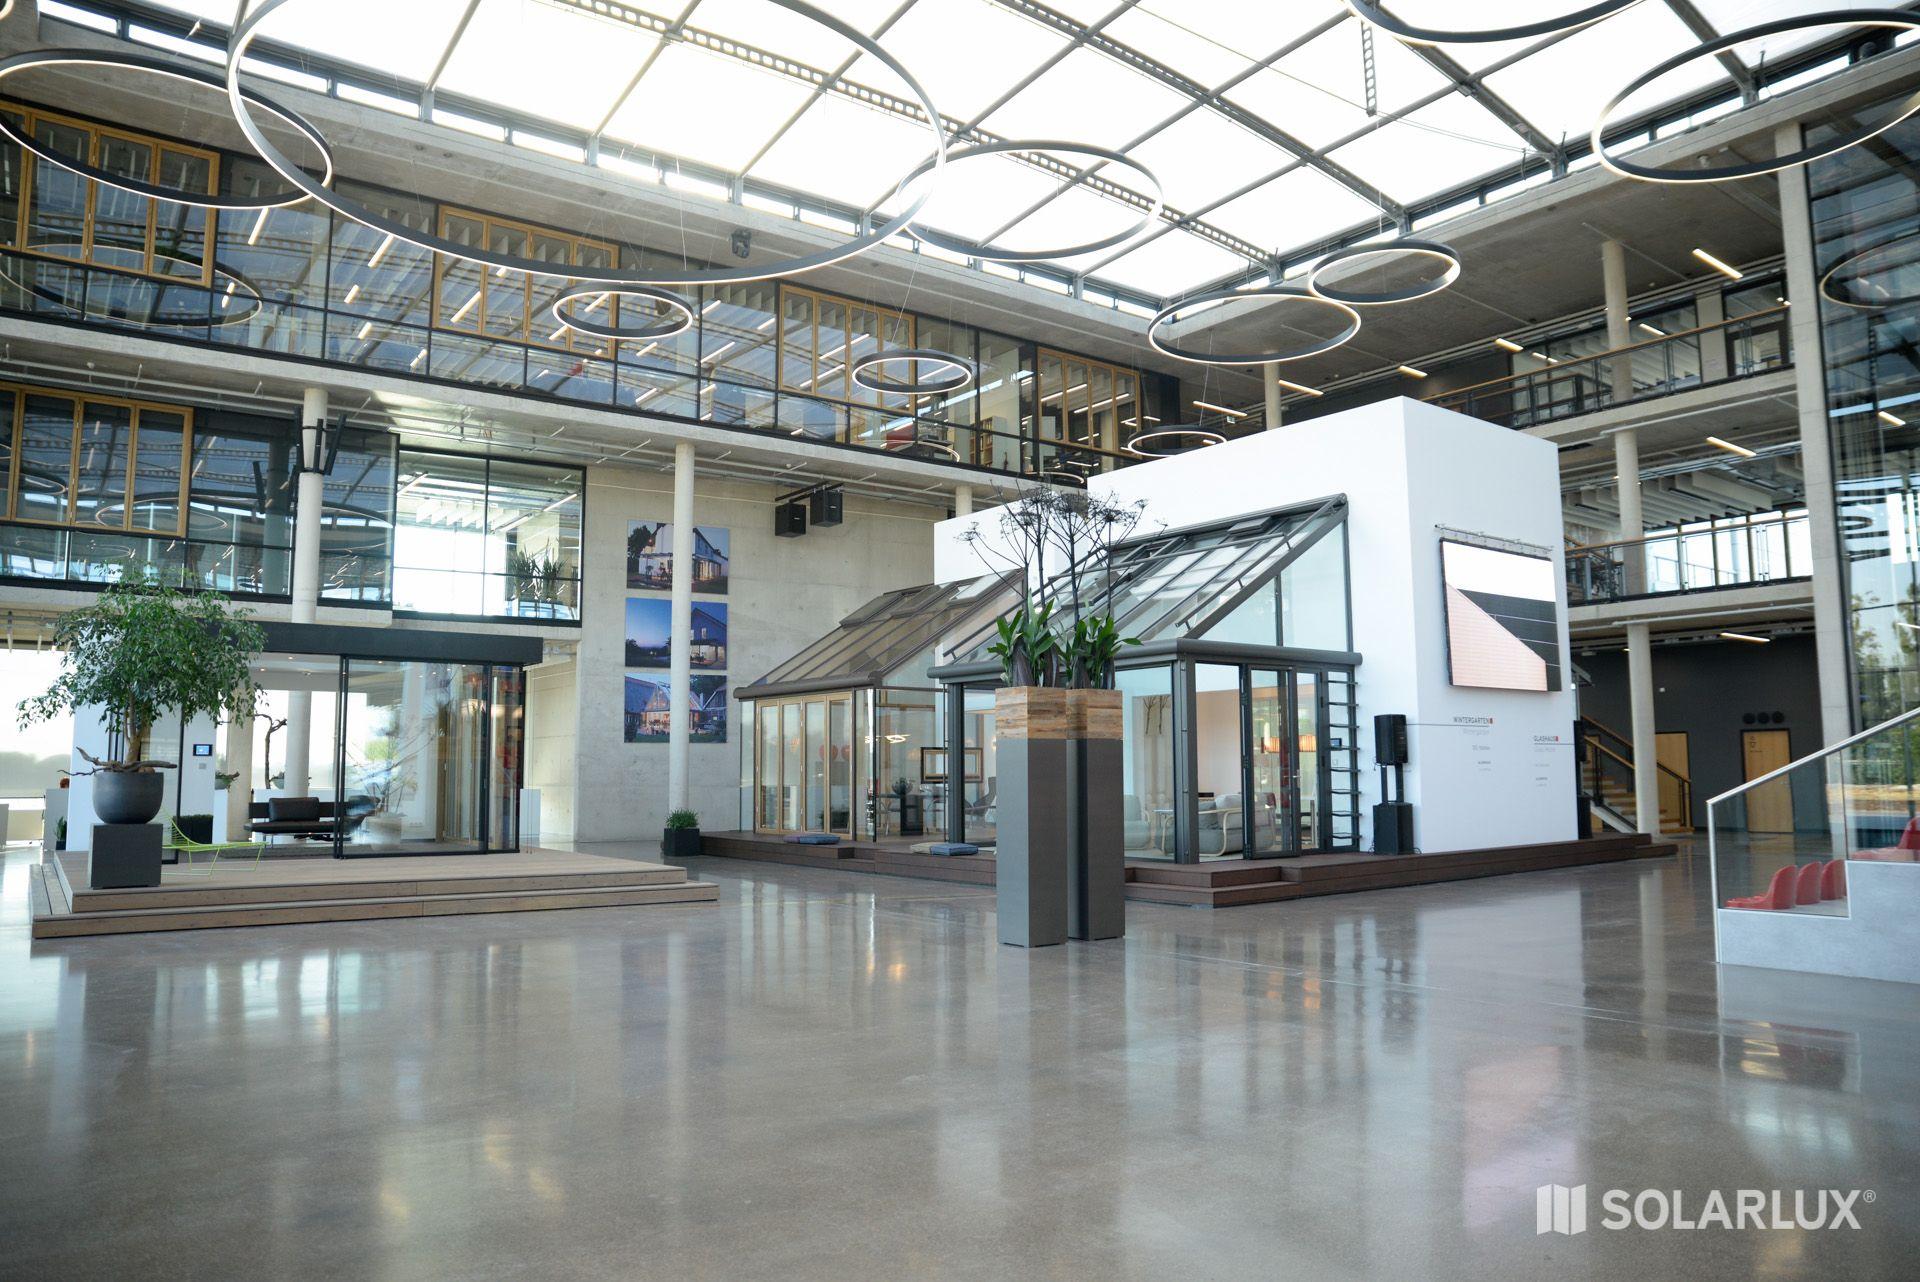 Das Solarlux Foyer. Die Ausstellungsstücke können über